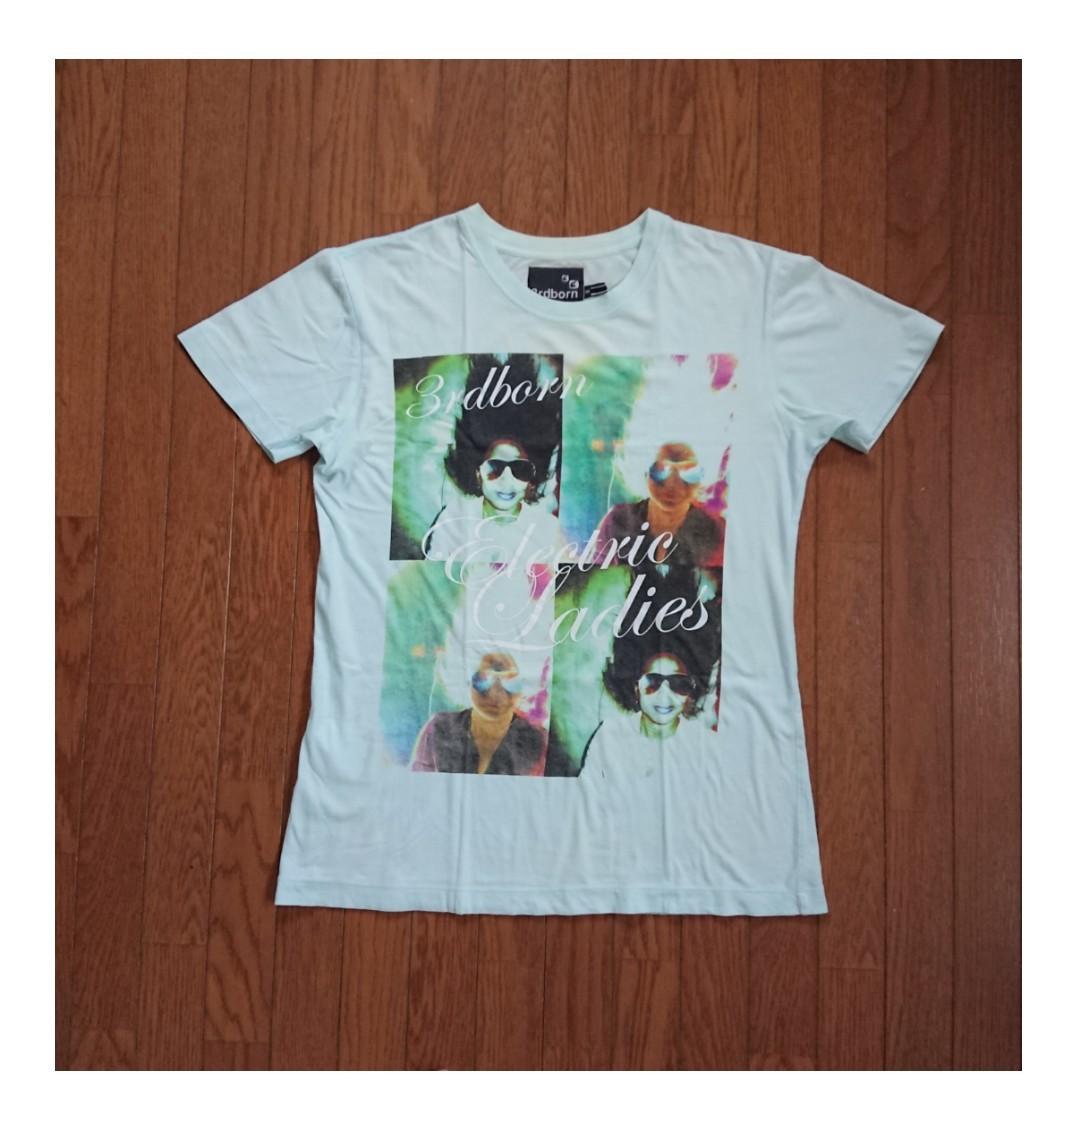 メンズTシャツ メンズ半袖~3Rd born ~